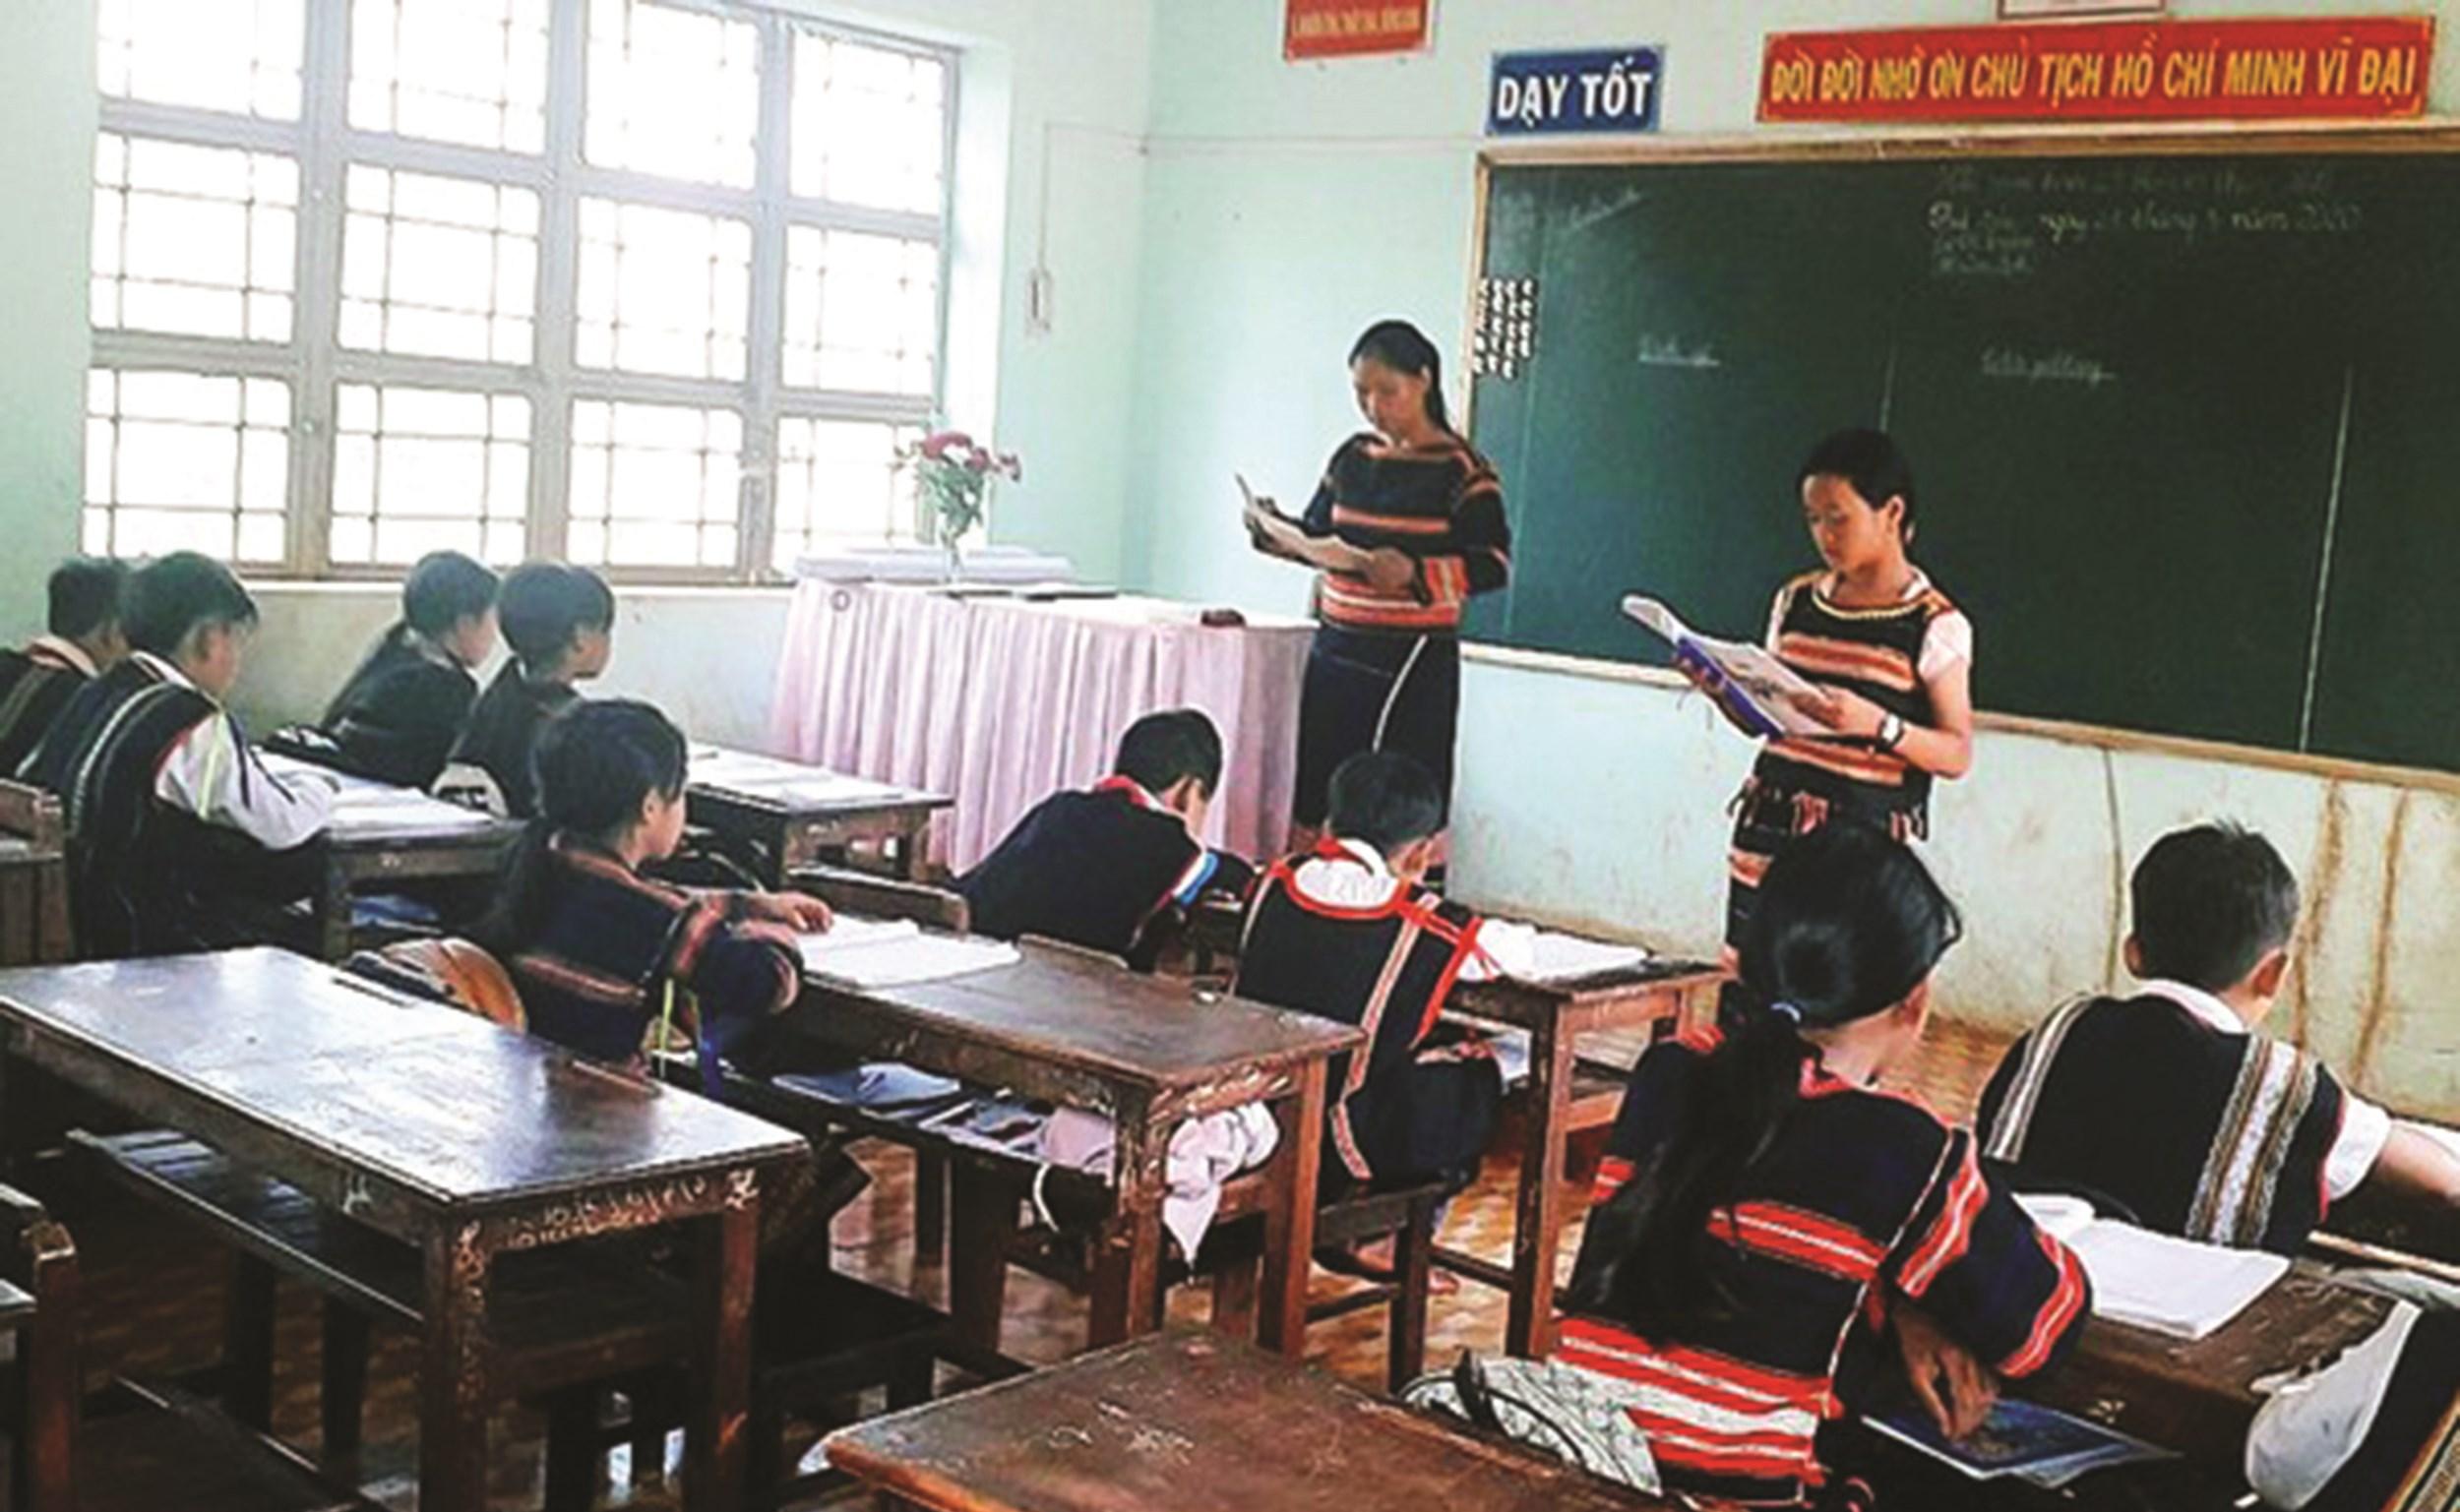 Một tiết học tiếng Gia Rai tại Trường Tiểu học Lý Thường Kiệt (xã Ia Vê, huyện Chư Prông, tỉnh Gia Lai)